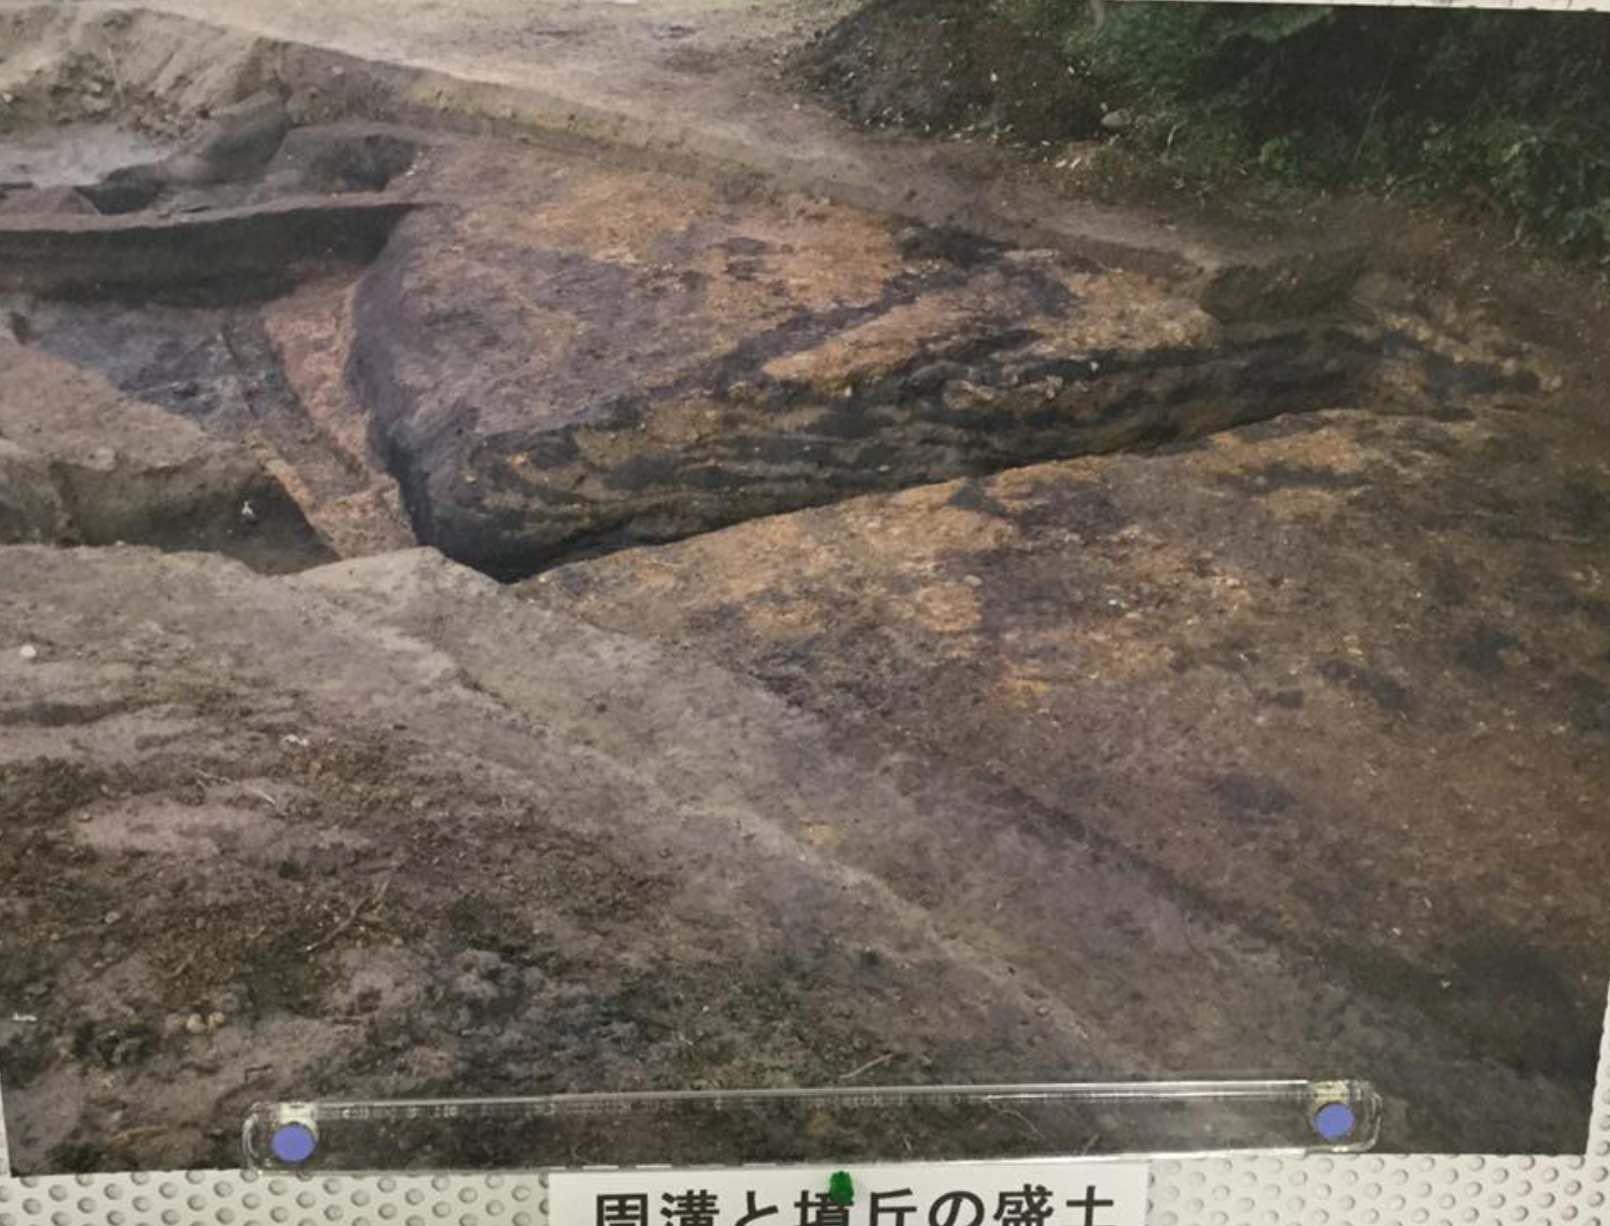 塚前古墳、考古資料館の企画展_e0068696_17342269.jpg